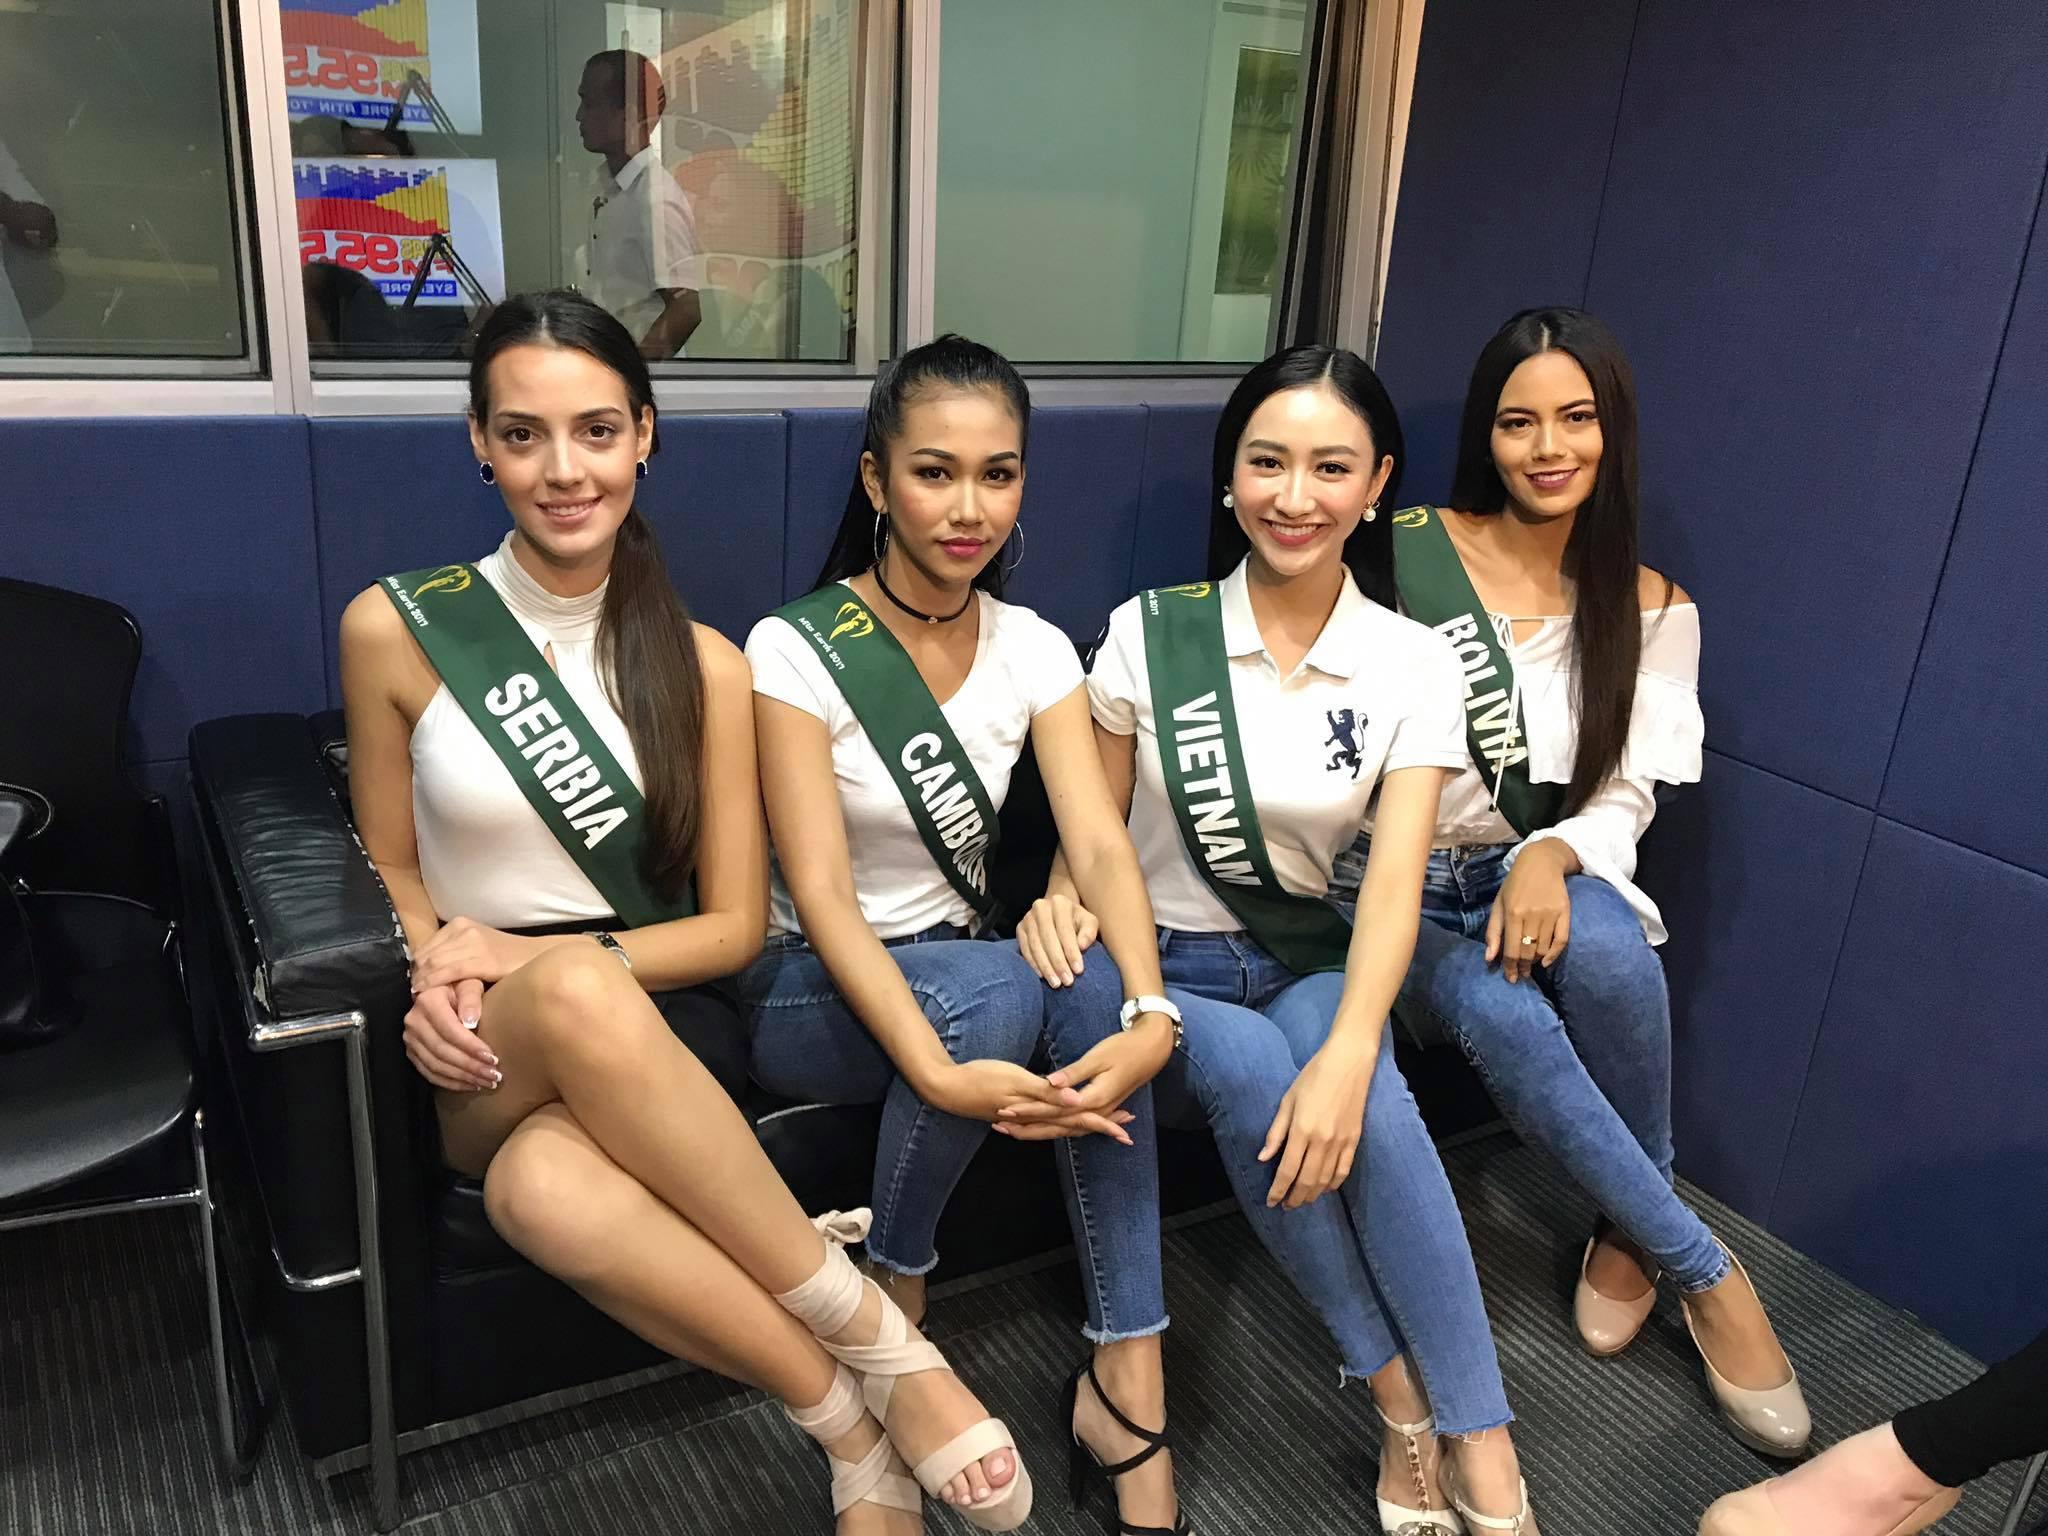 Giành giải đồng thứ hai, Hà Thu đang là ứng viên nặng ký cho vương miện Hoa hậu Trái đất 2017! - Ảnh 3.